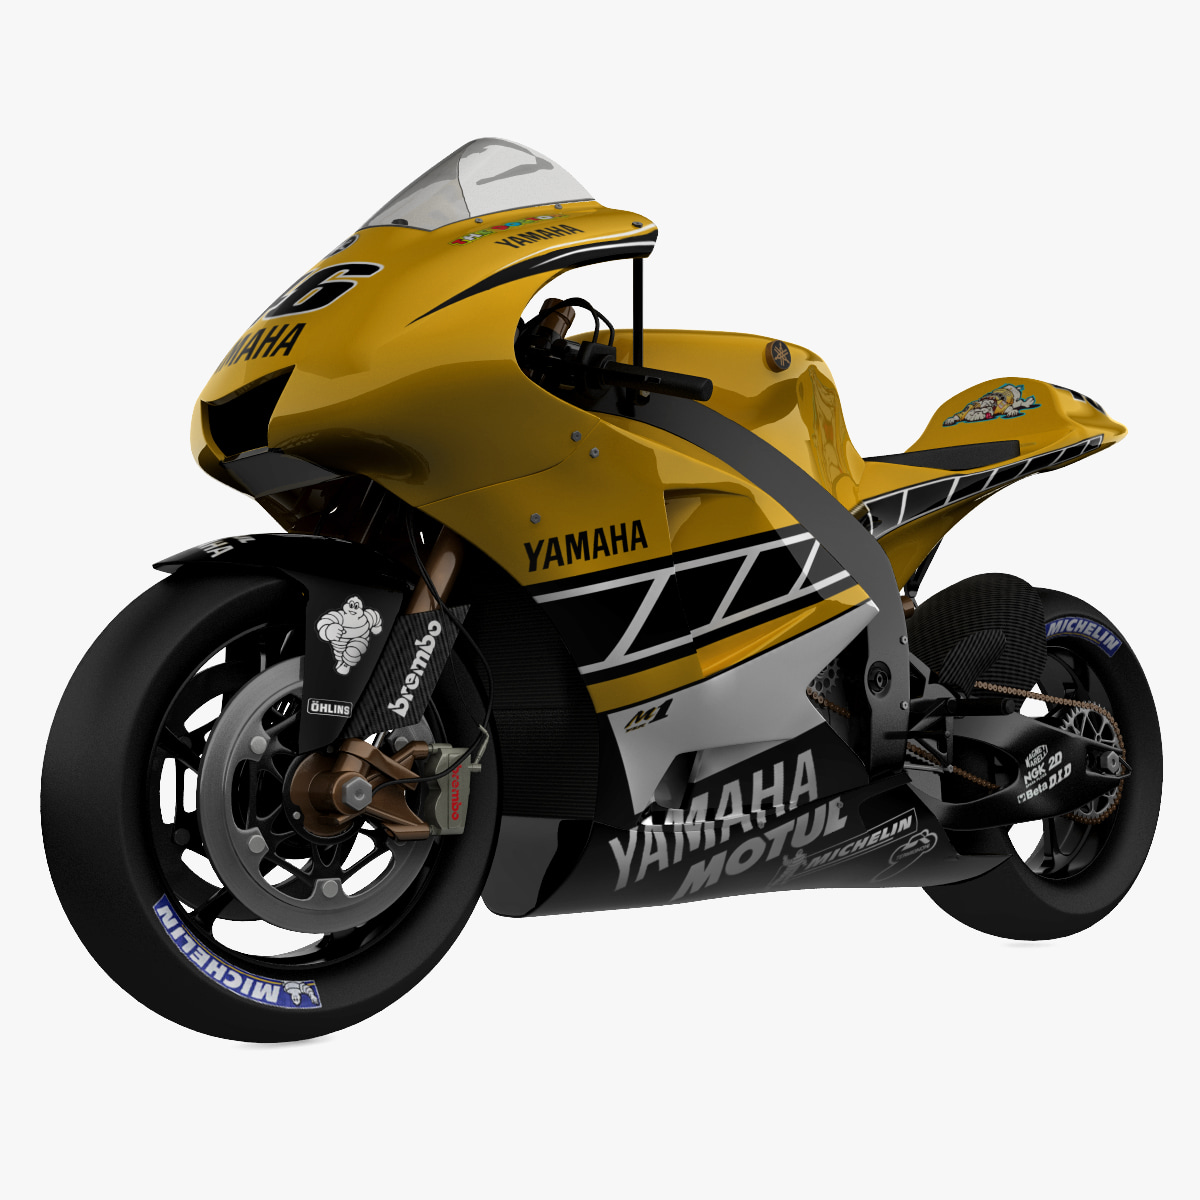 Yamaha_YZR_M1_2010_00.jpg